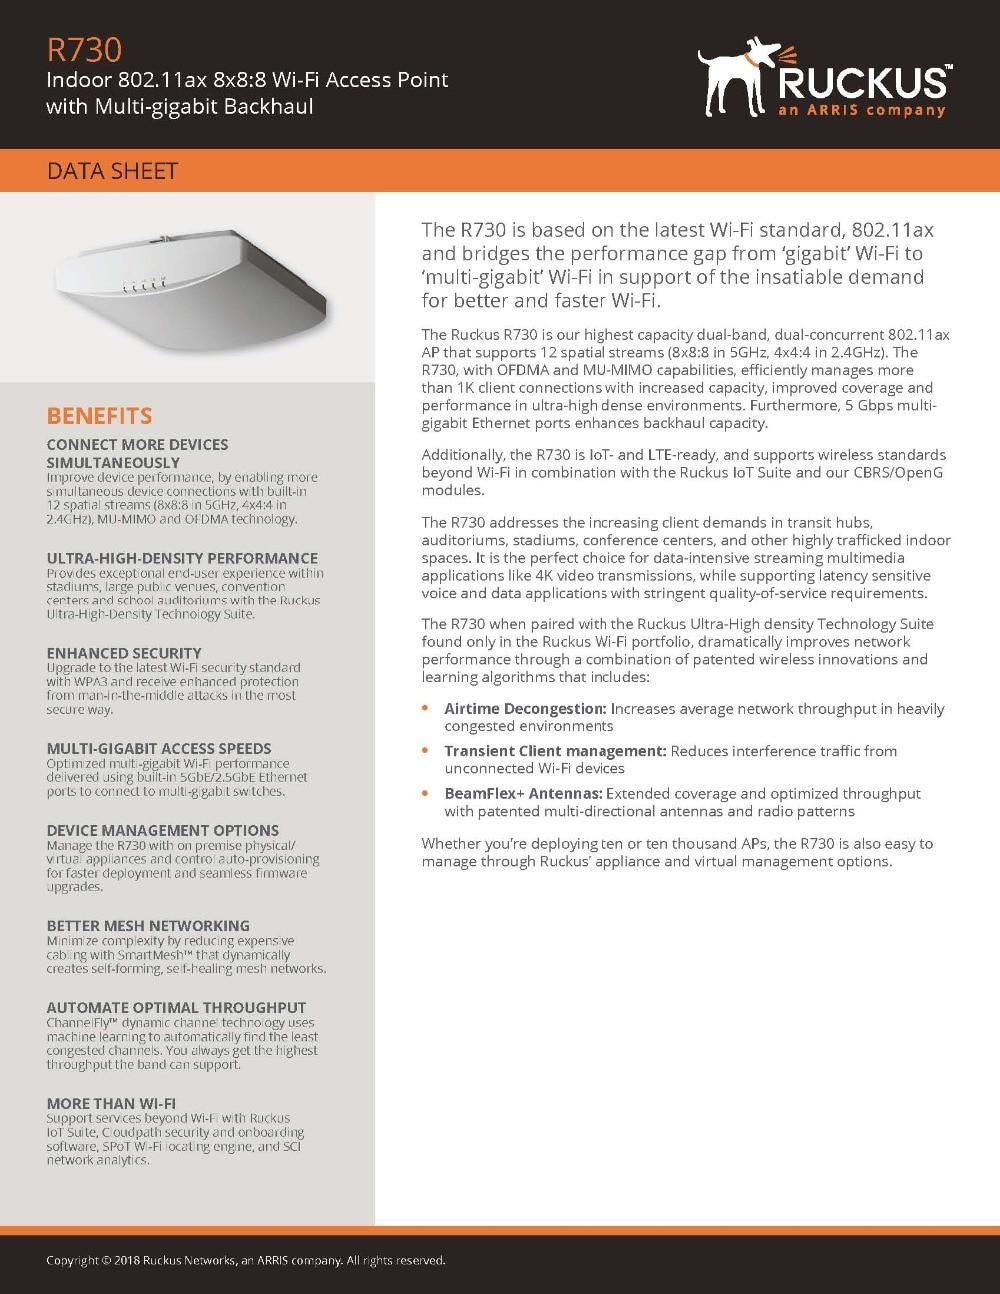 Ruckus Wireless ZoneFlex R730 901-R730-WW00 (alike 901-R730-US00) With PoE  Injector (902-0162-CH00) 802 11ax Access Point 8x8:8